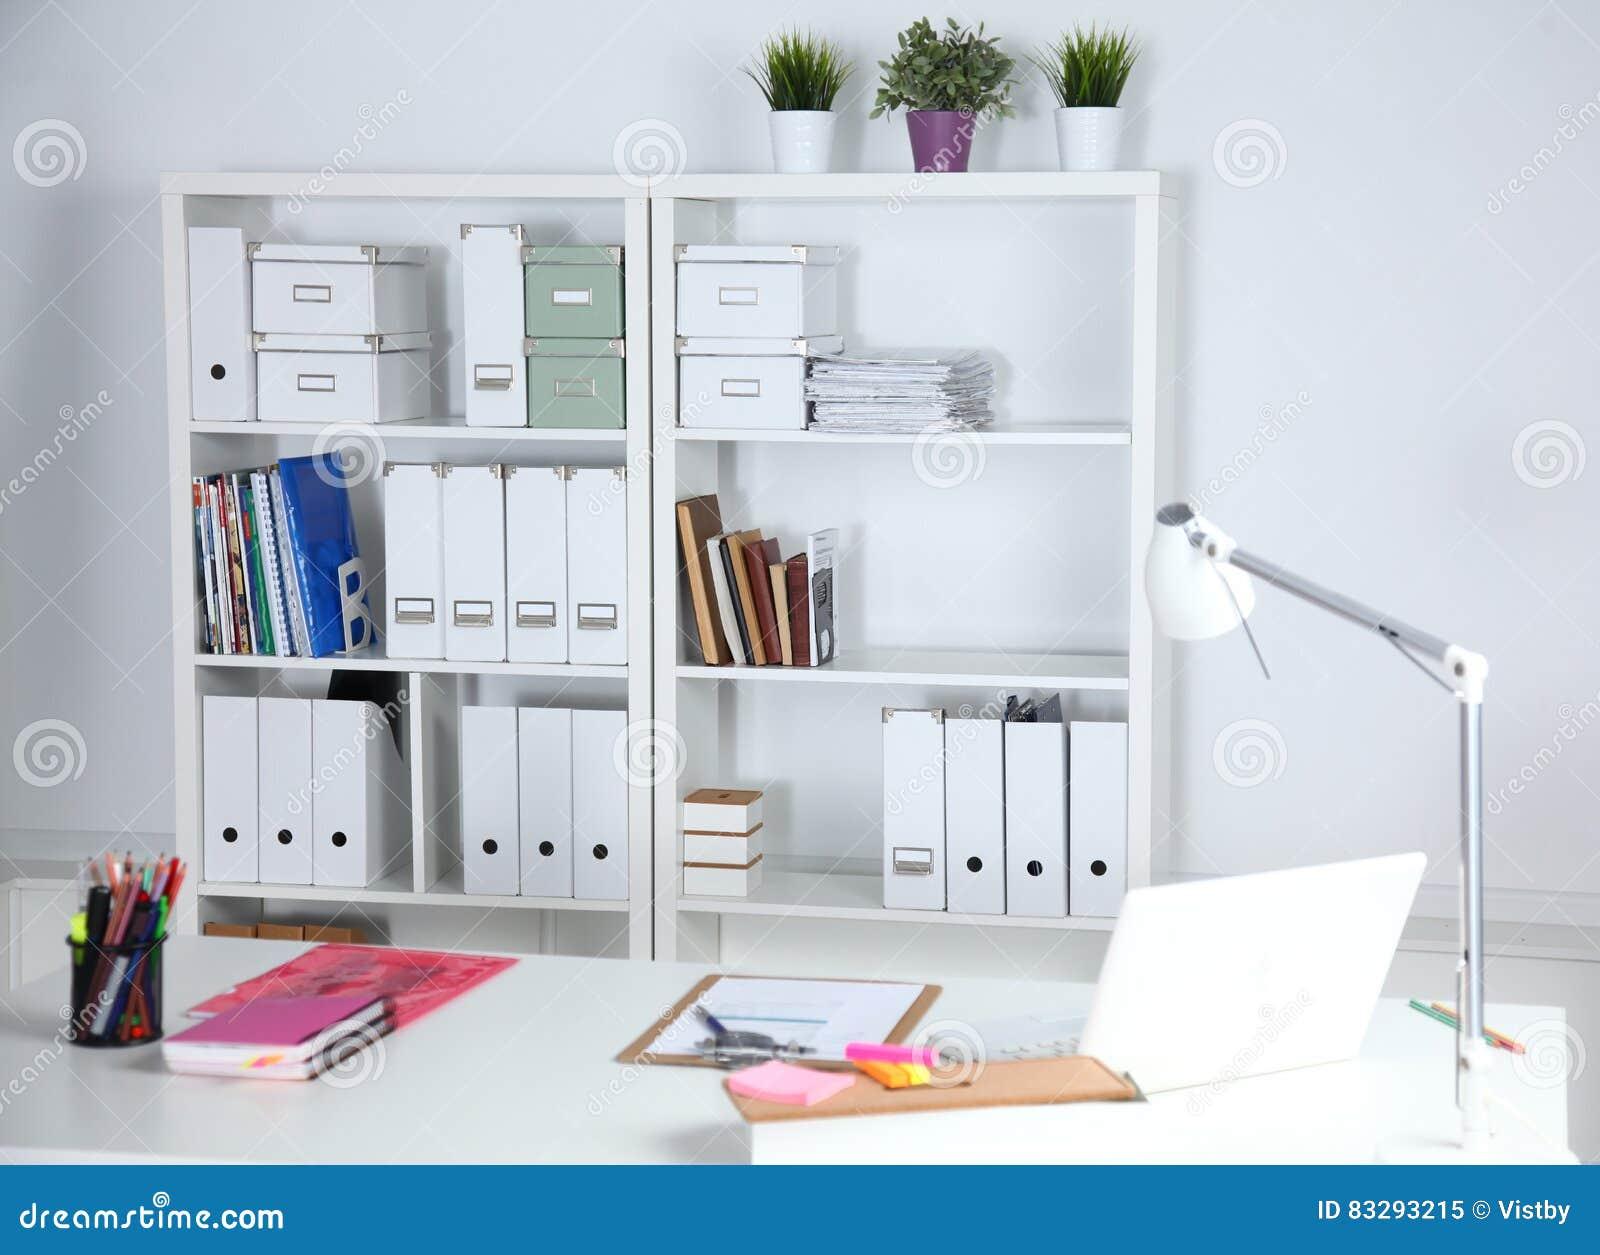 Repisas Para Libros Modernas.Interior Moderno De La Oficina Con Las Tablas Las Sillas Y